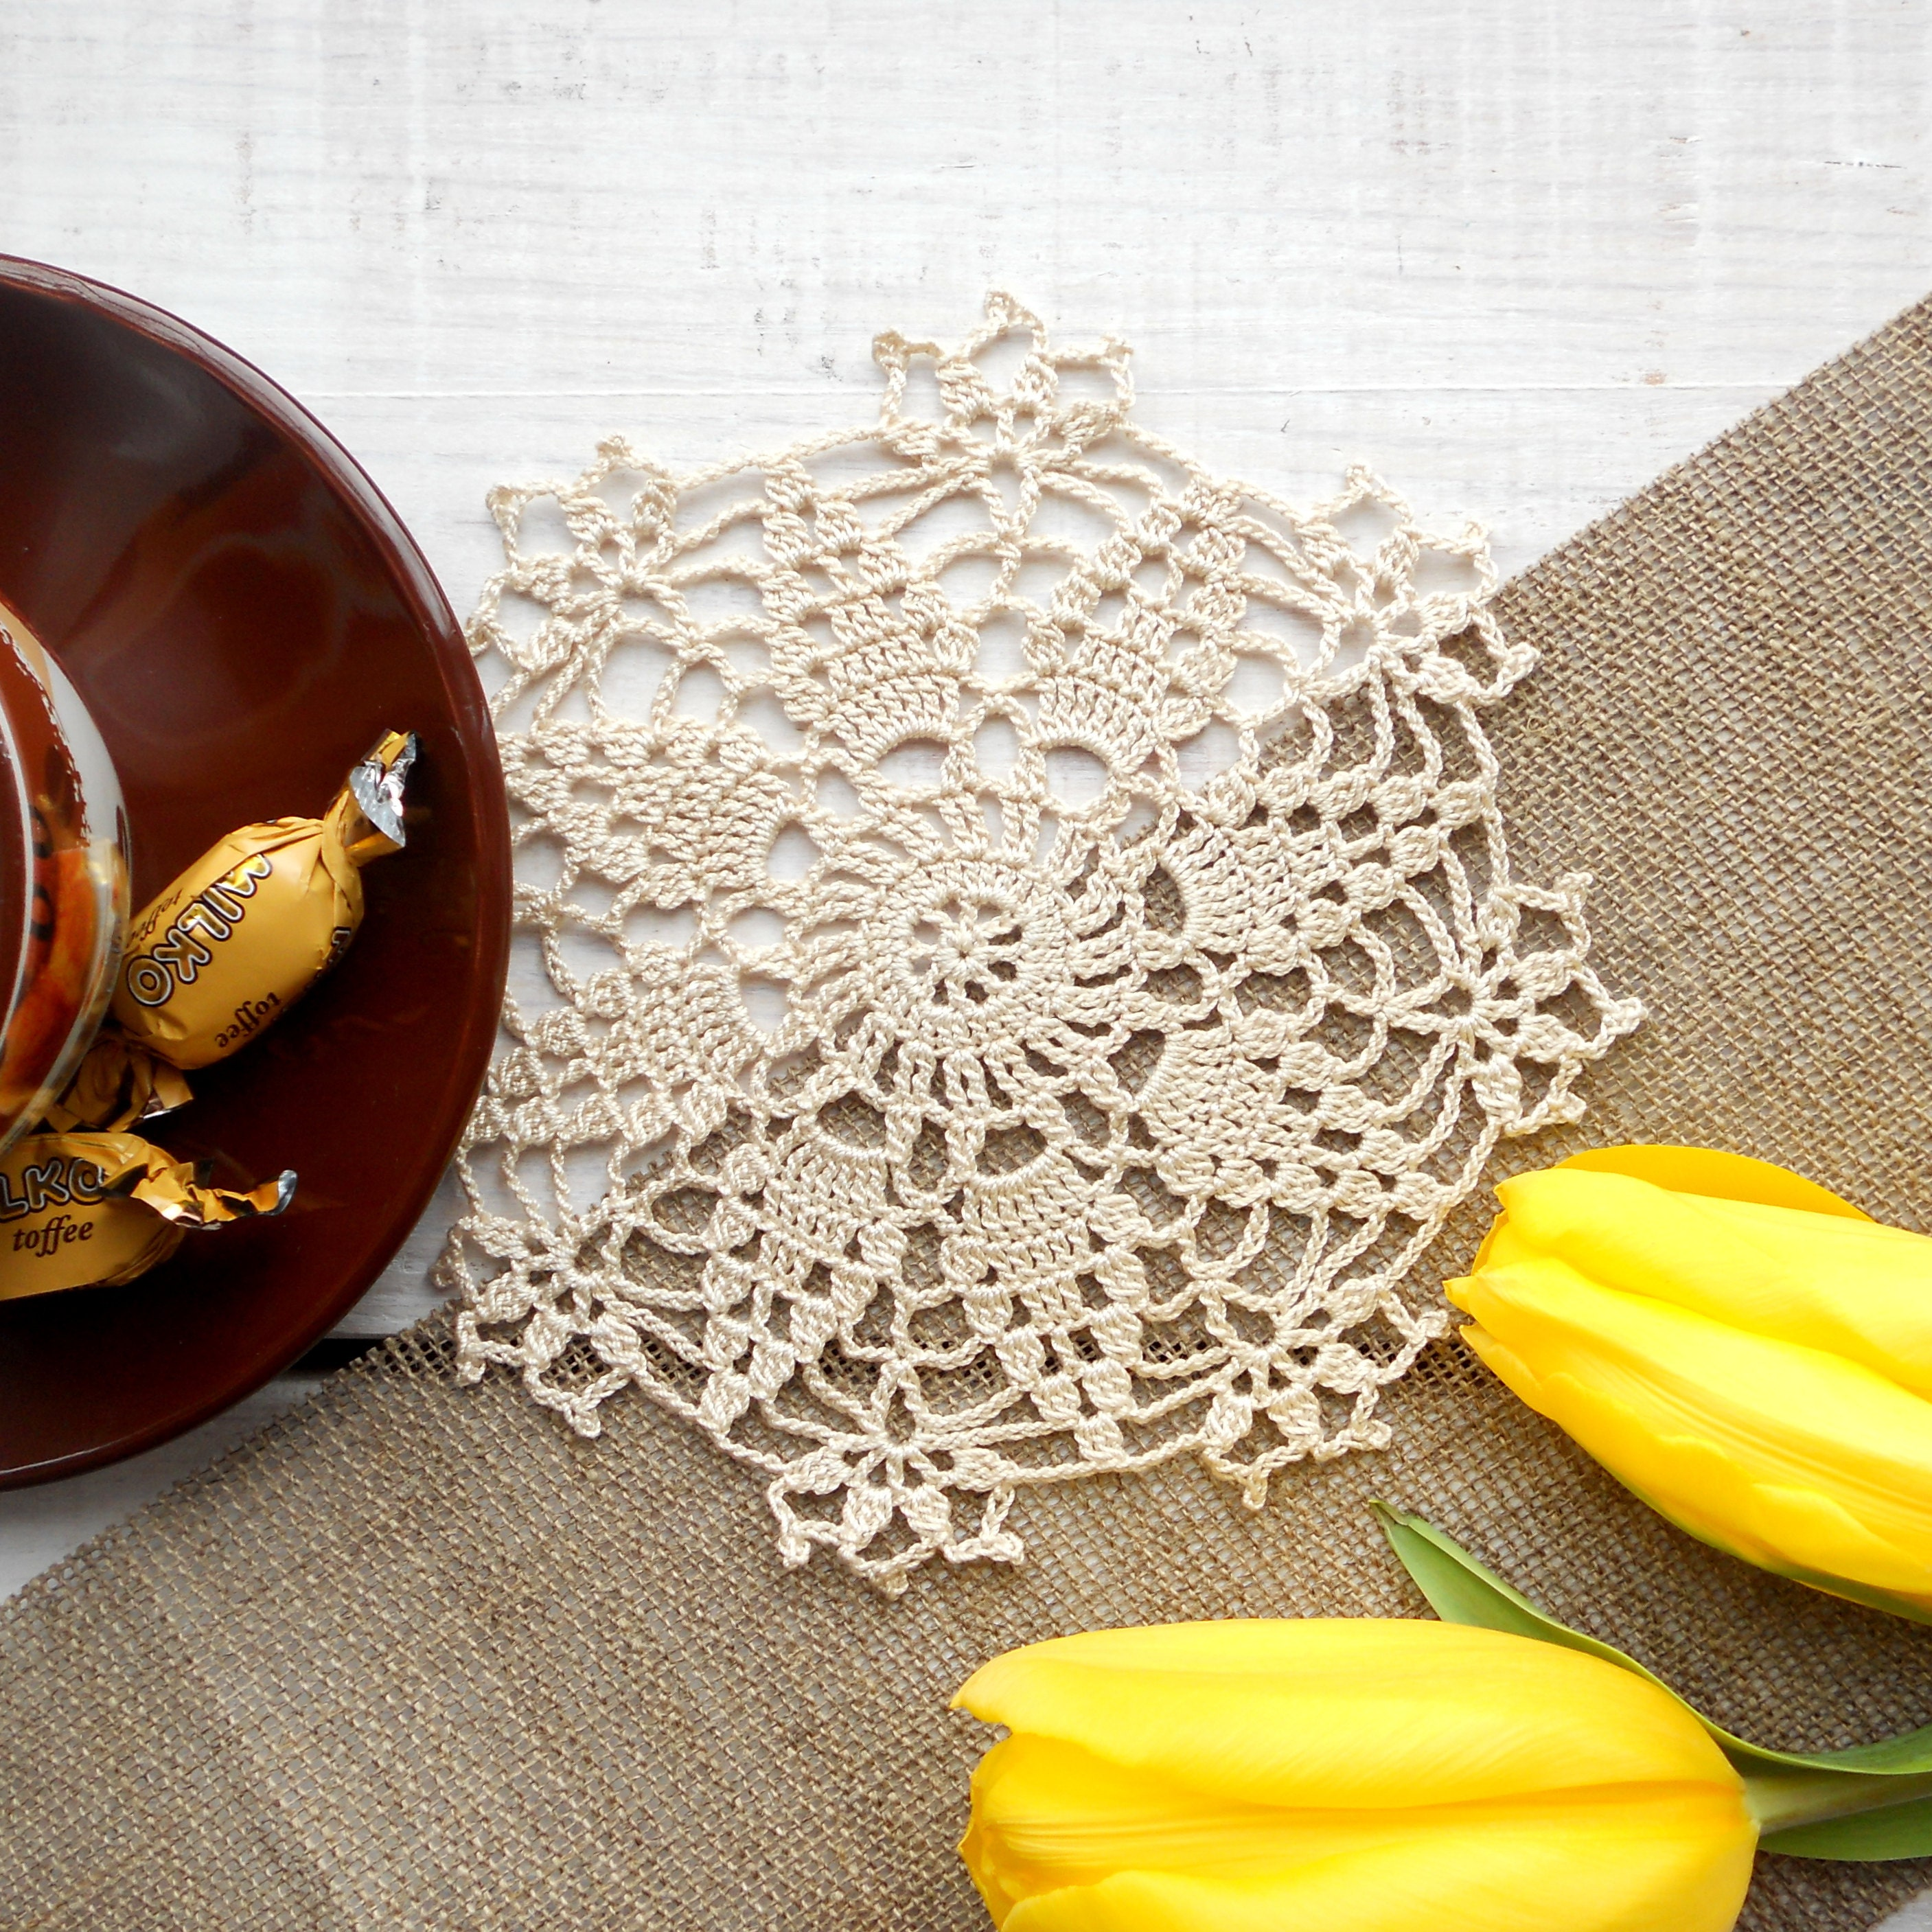 LacesKingdom - Colourful Crochet Lace Doilies, Wedding Favor Bags!